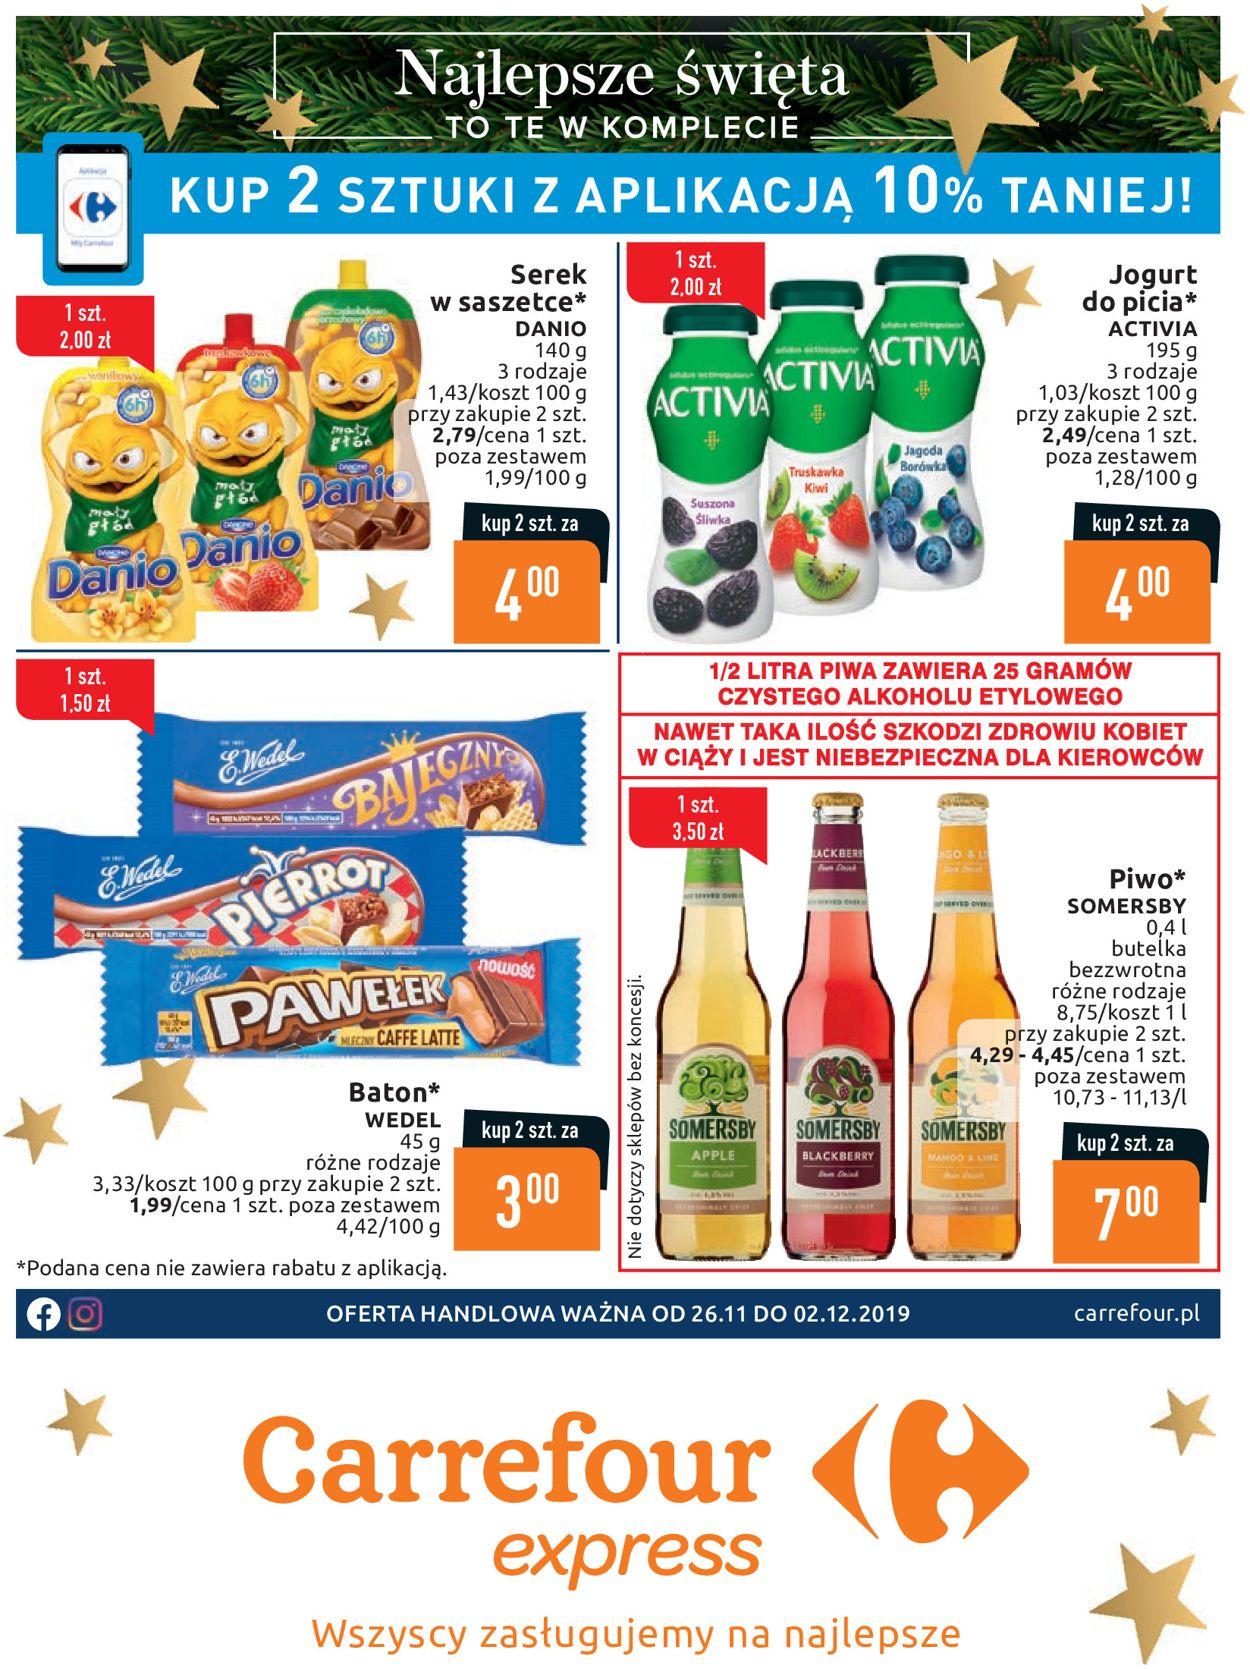 Gazetka promocyjna Carrefour - 26.11-02.12.2019